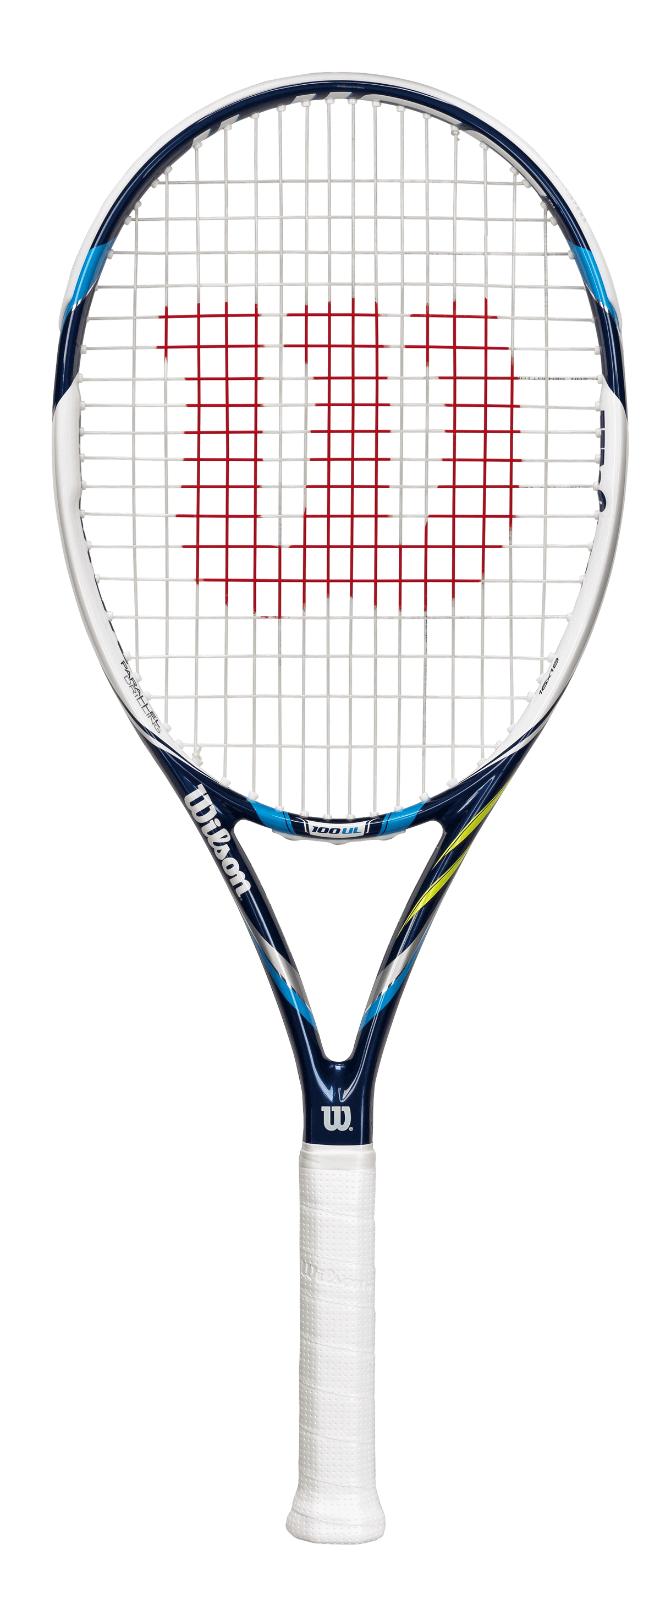 Wilson Juice 100UL - Tennisschläger - - - besaitet - Griffstärke 0 - WRT71930 77651f